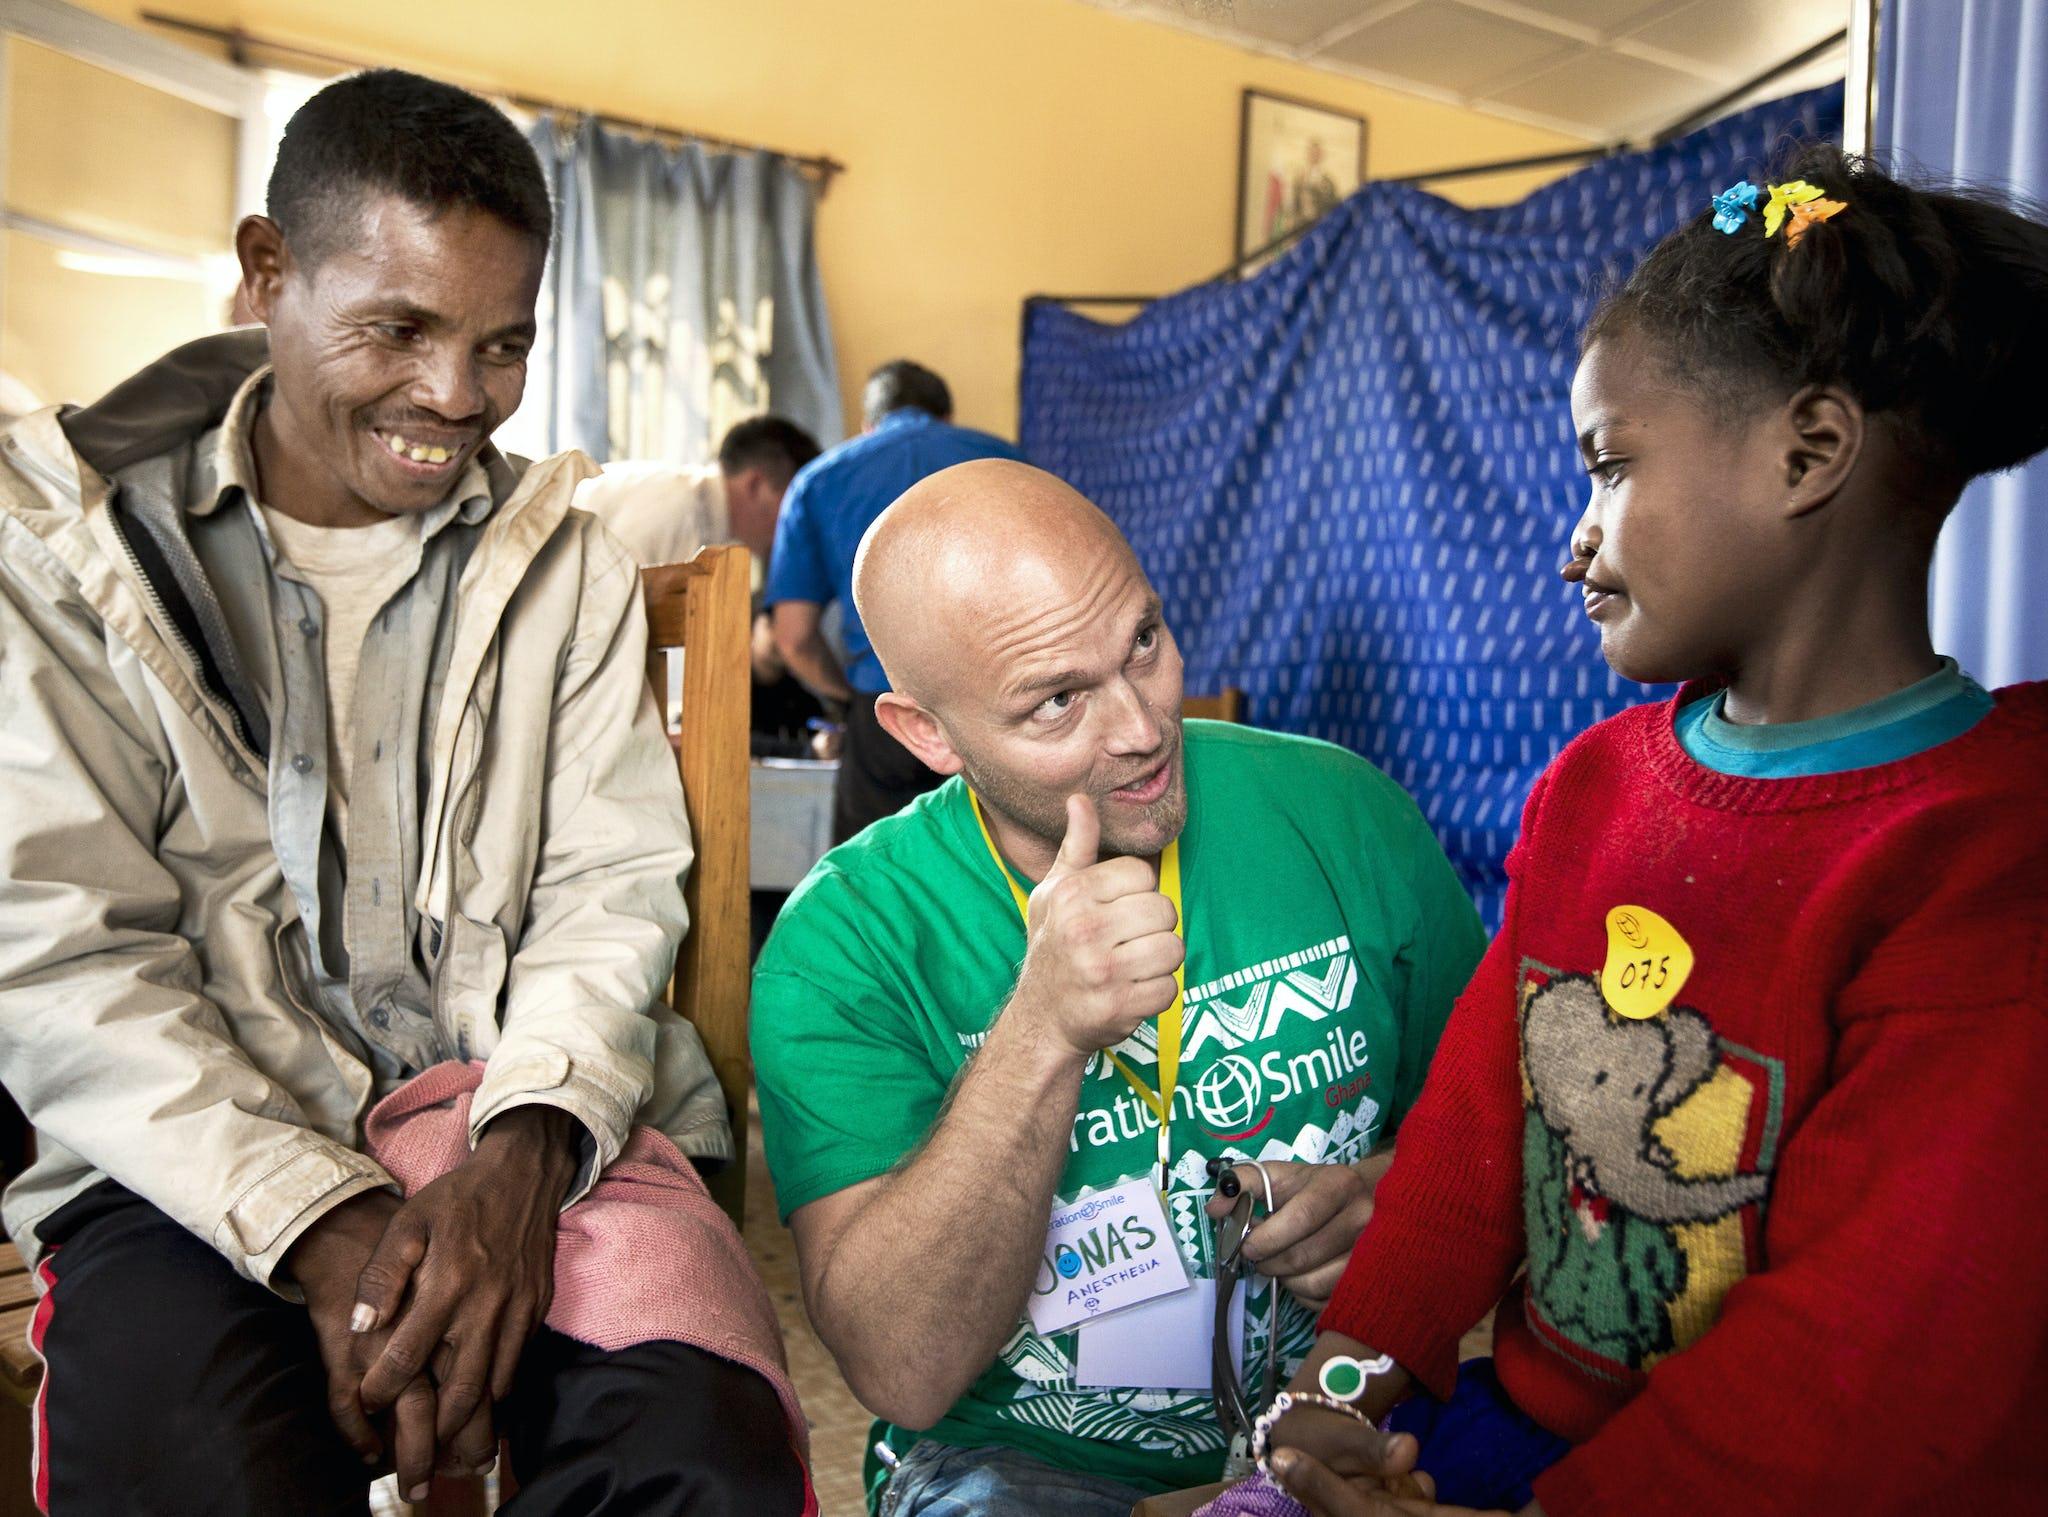 volontär ger tummen upp till tjej som väntar på operation